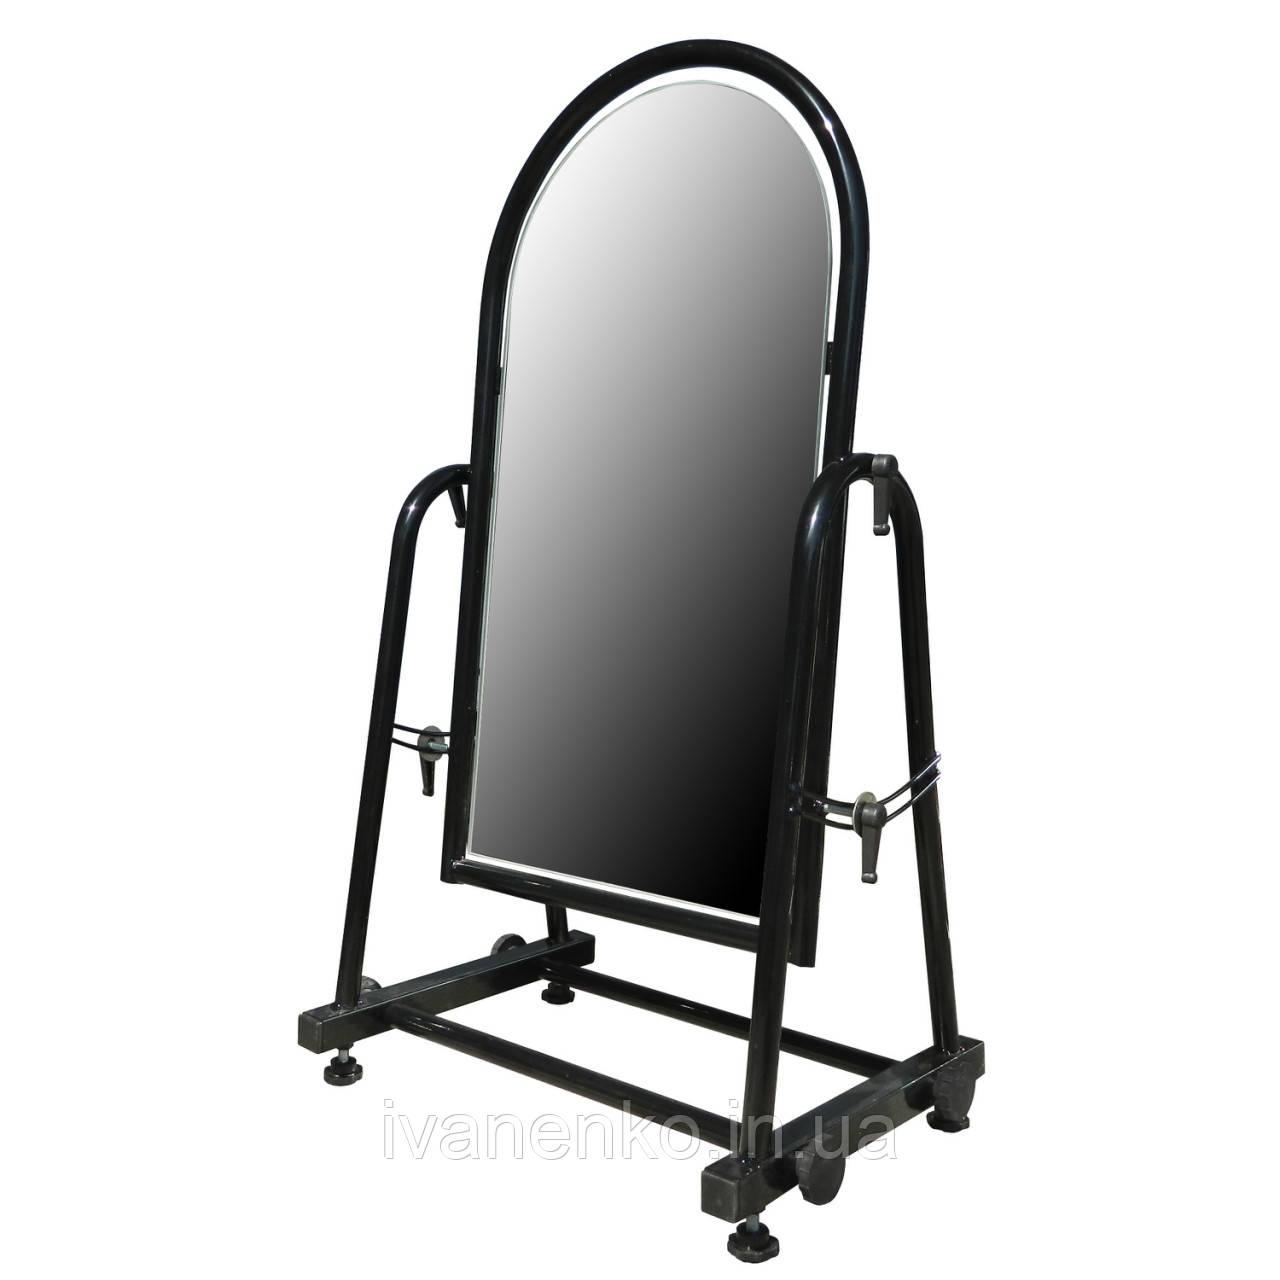 Зеркало напольное металлическое обувное 35 см, фото 1